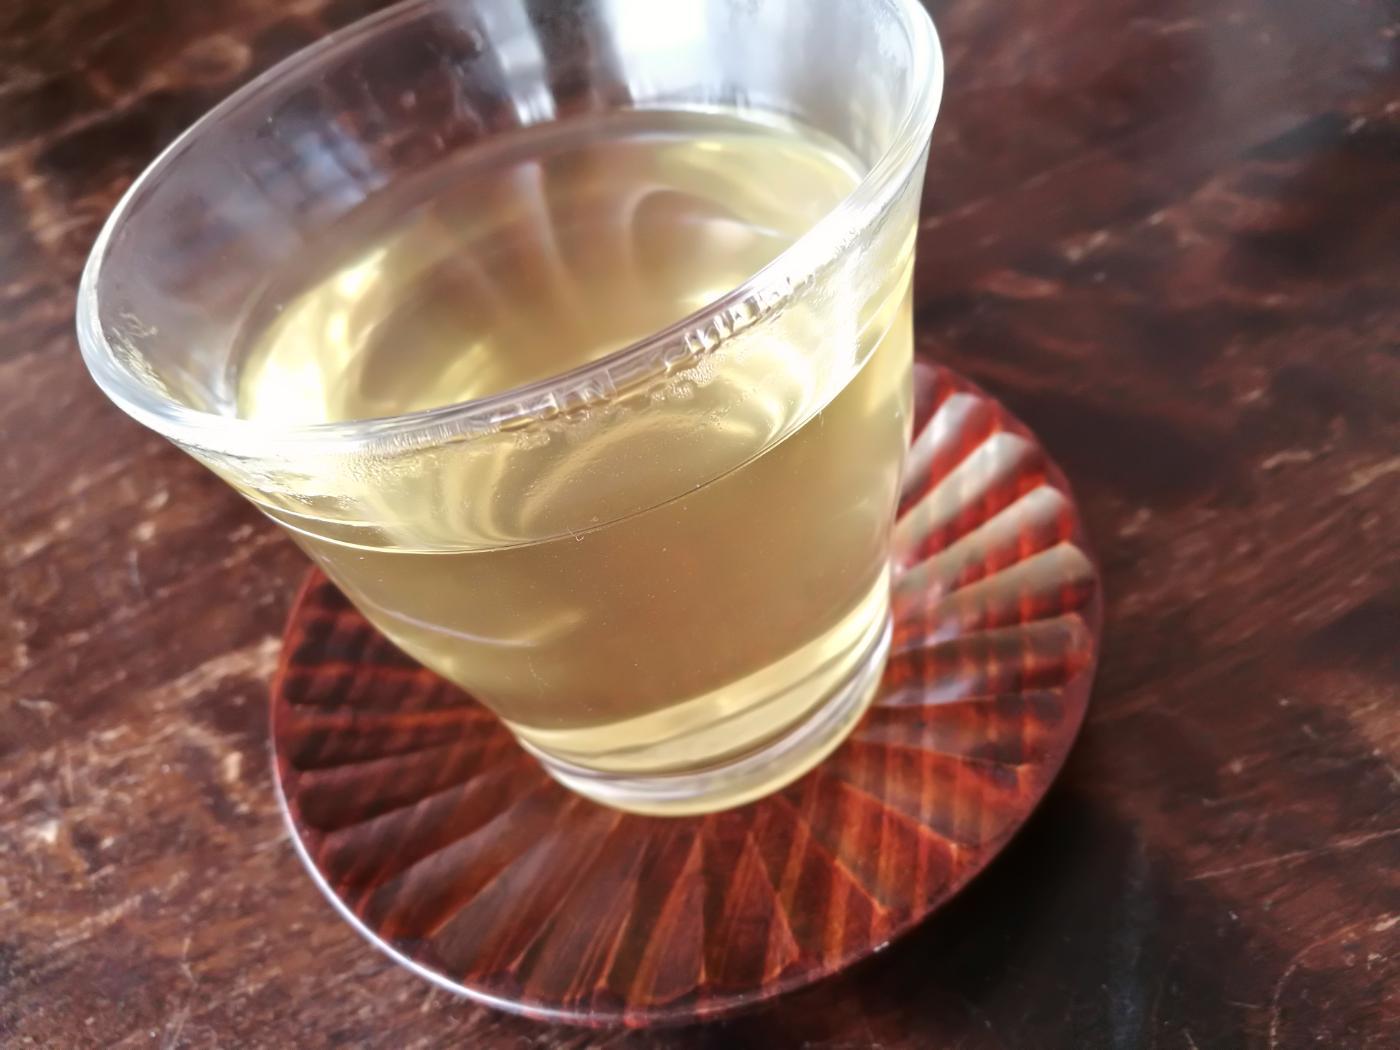 西製茶所レモングラス&ジンジャーをコップに淹れたところ